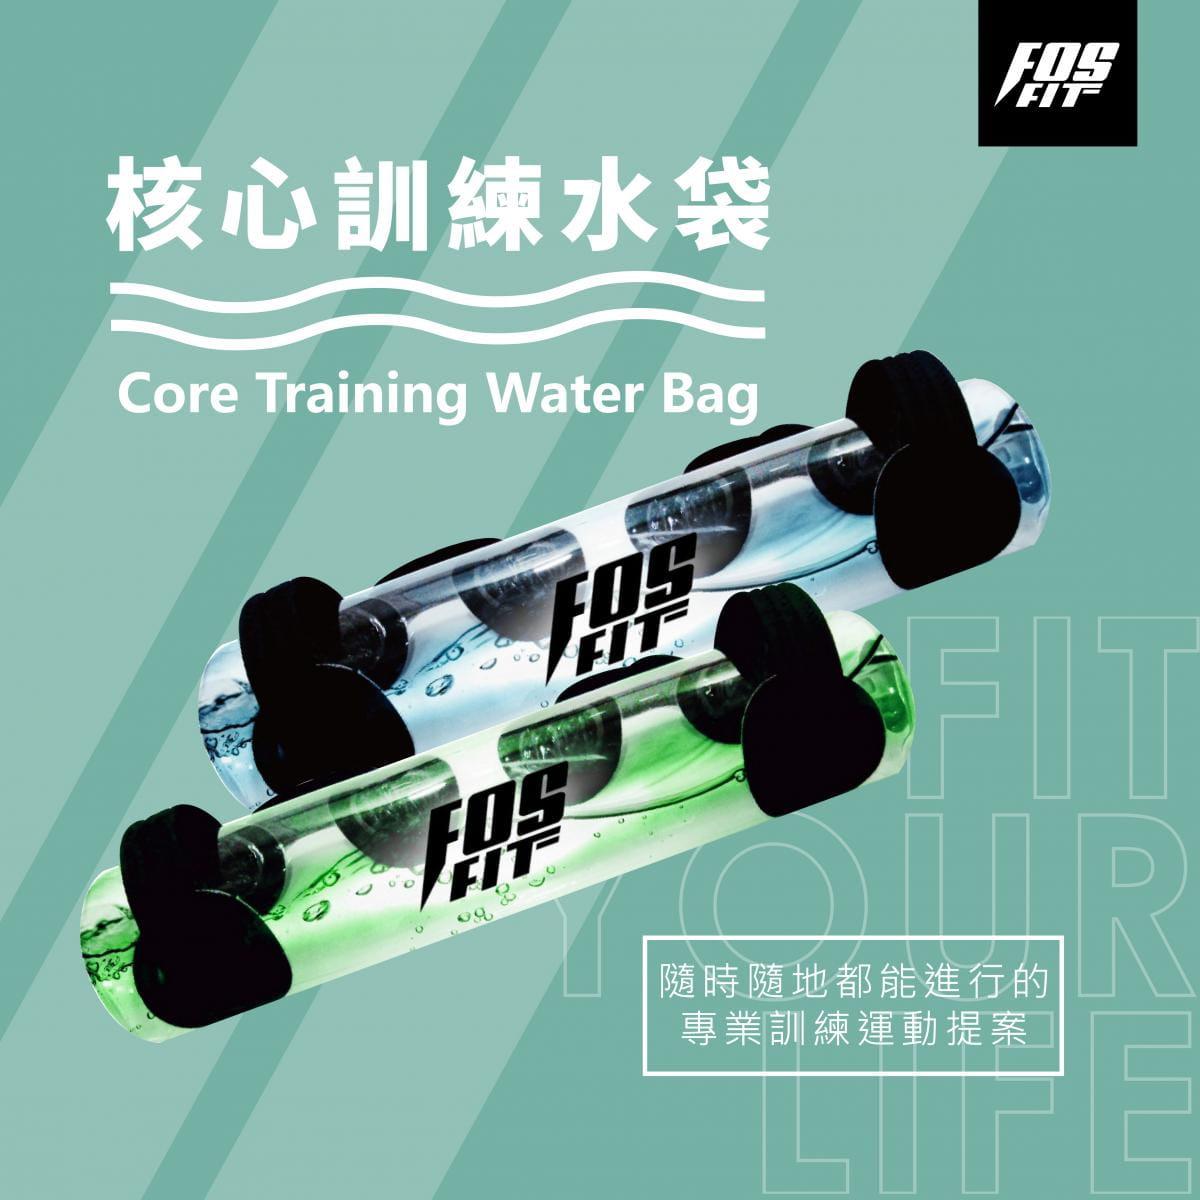 核心訓練水袋35L(可調節重量/居家鍛鍊)